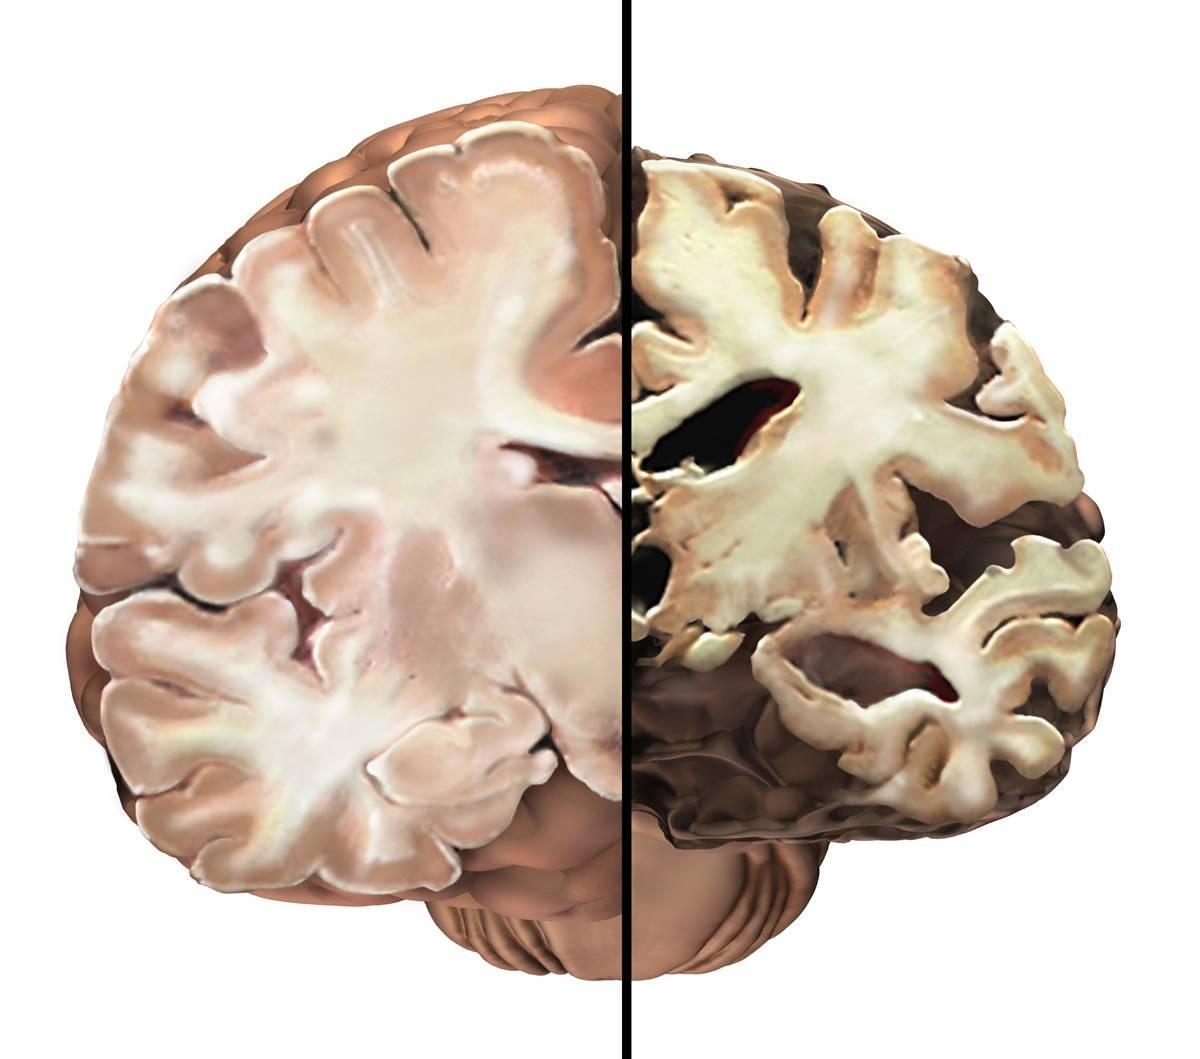 Сенильная дегенерация головного мозга как причина смерти - всё о неврологии